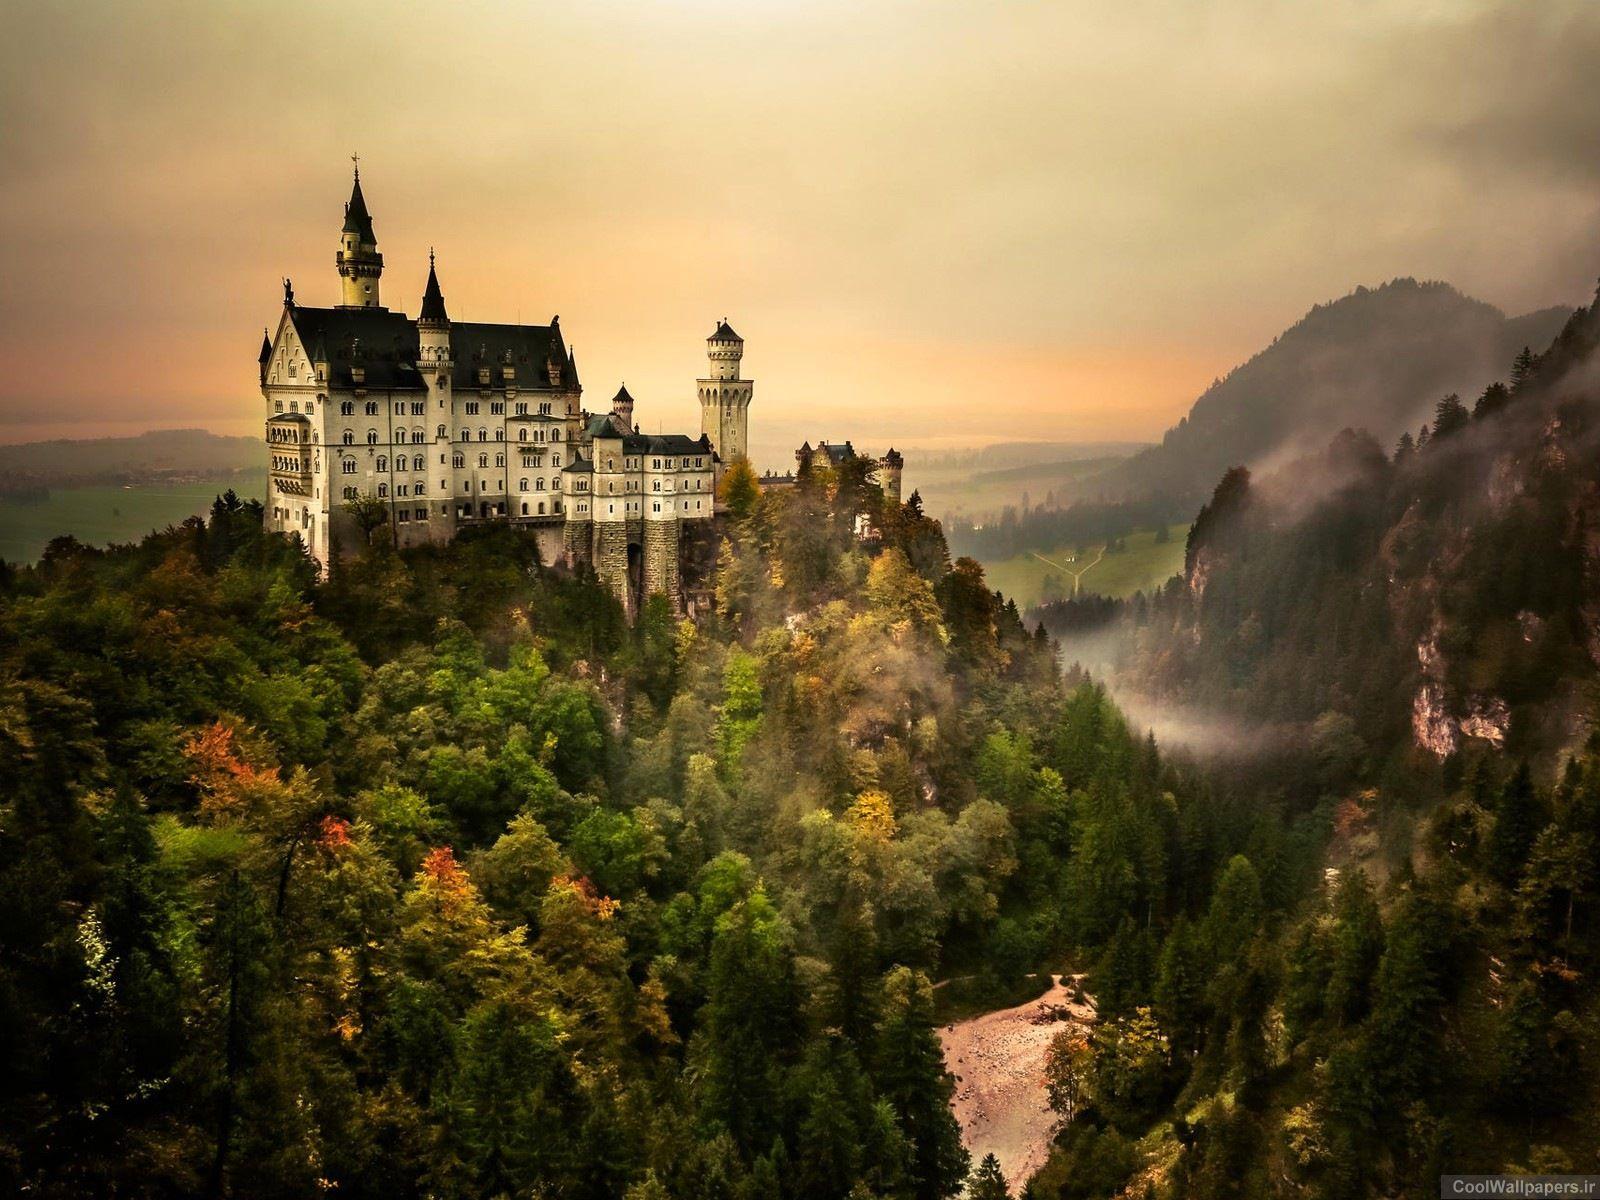 German tour Neuschwanstein castle wallpaper 1600x1200